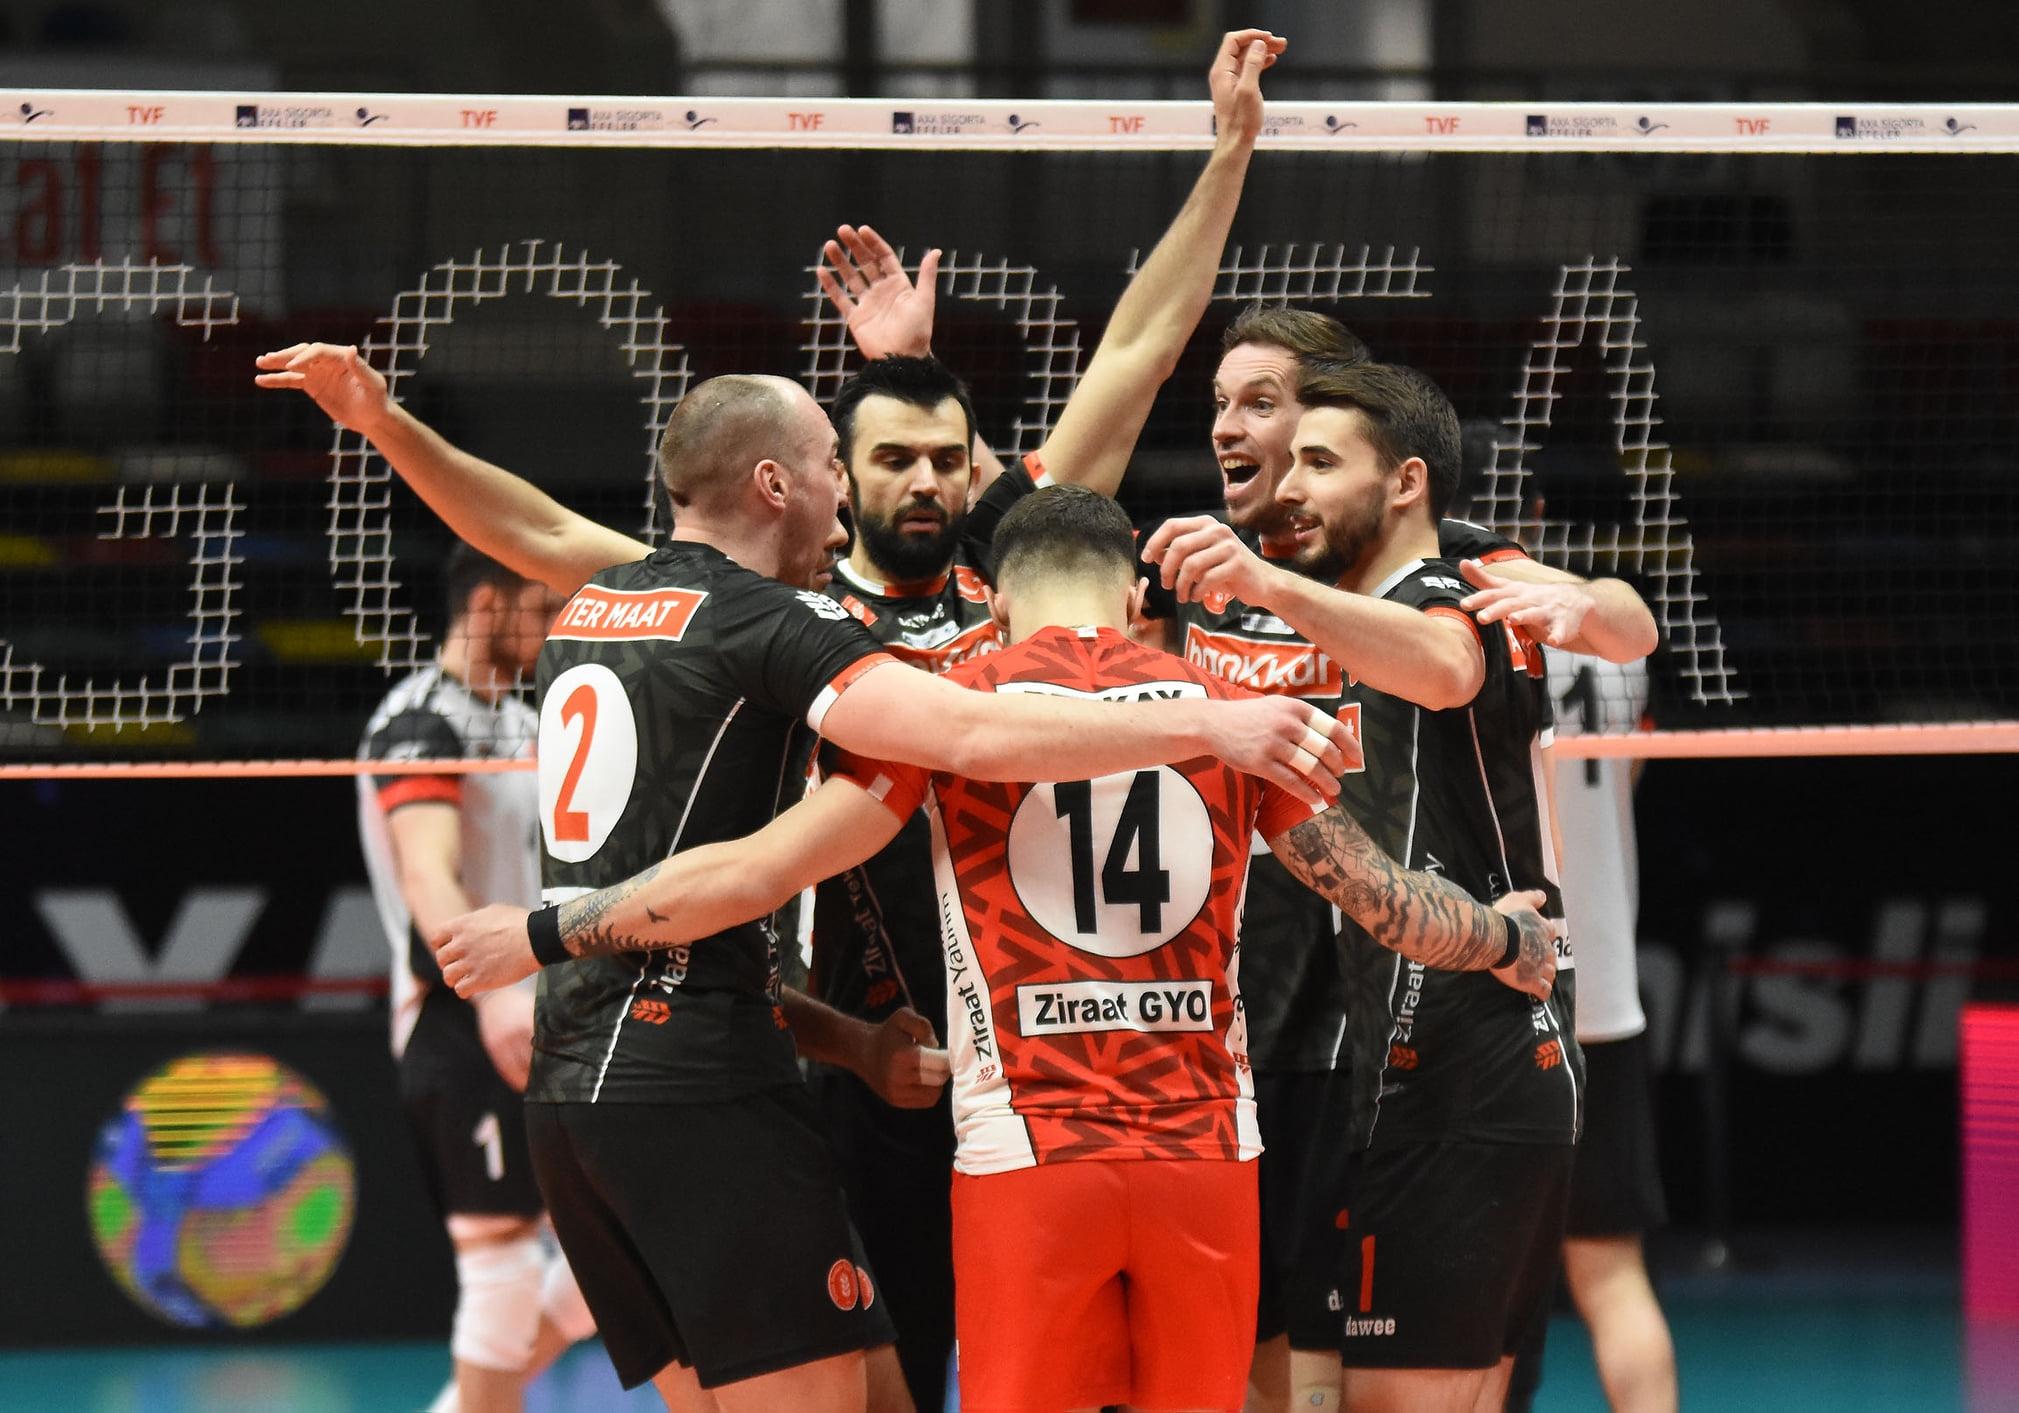 Националът Мартин Атанасов и тимът на Зиратбанк (Анкара) постигнаха 23-а